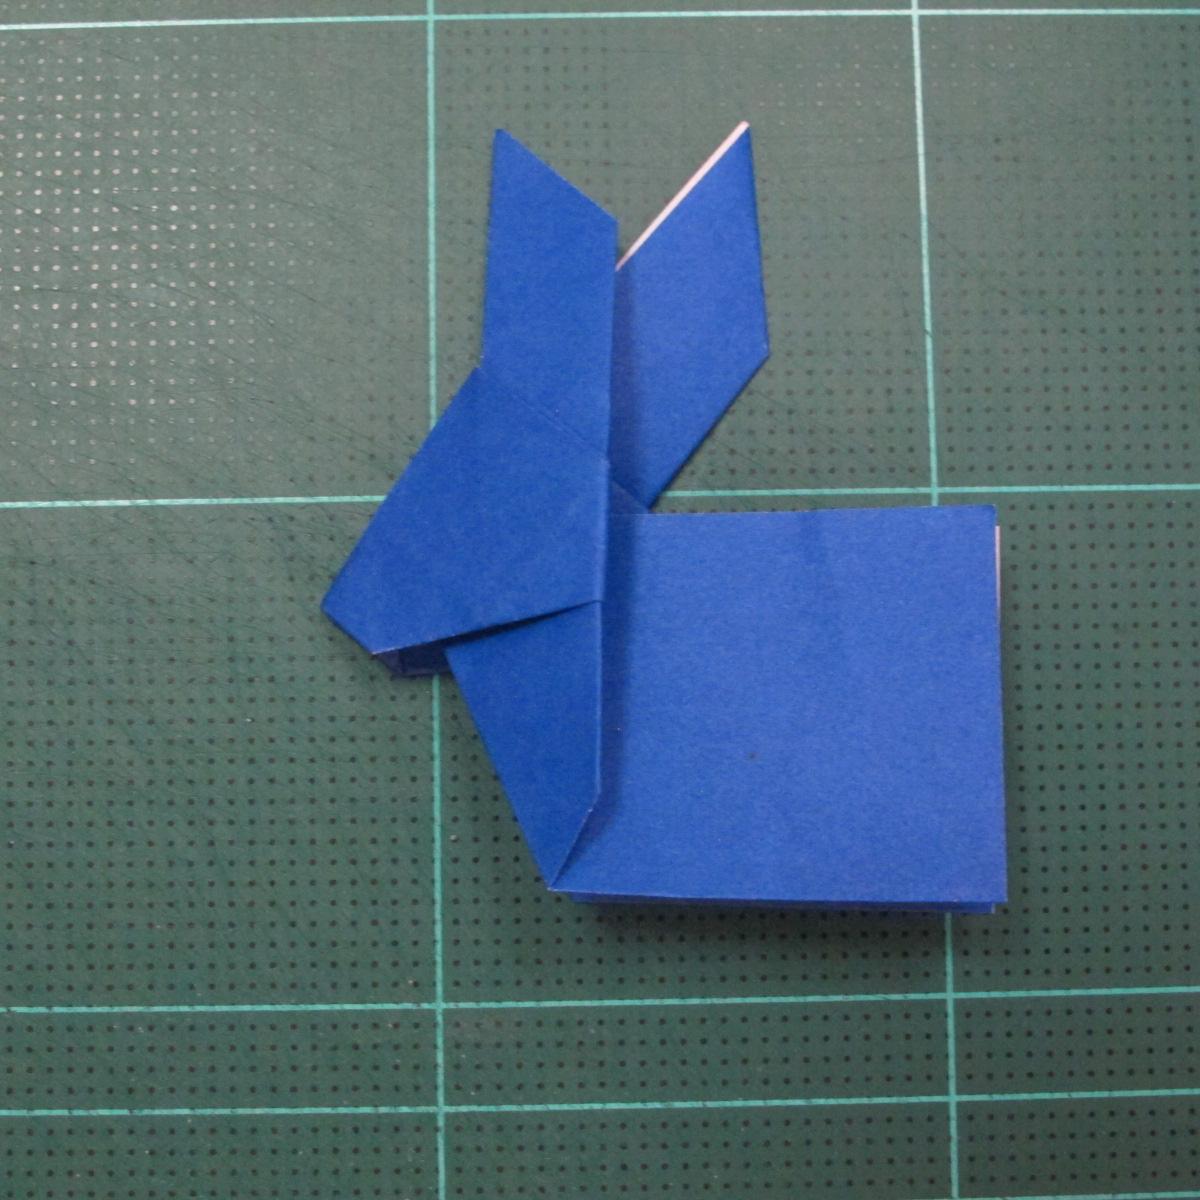 วิธีการพับกระดาษเป็นรูปกระต่าย แบบของเอ็ดวิน คอรี่ (Origami Rabbit)  021